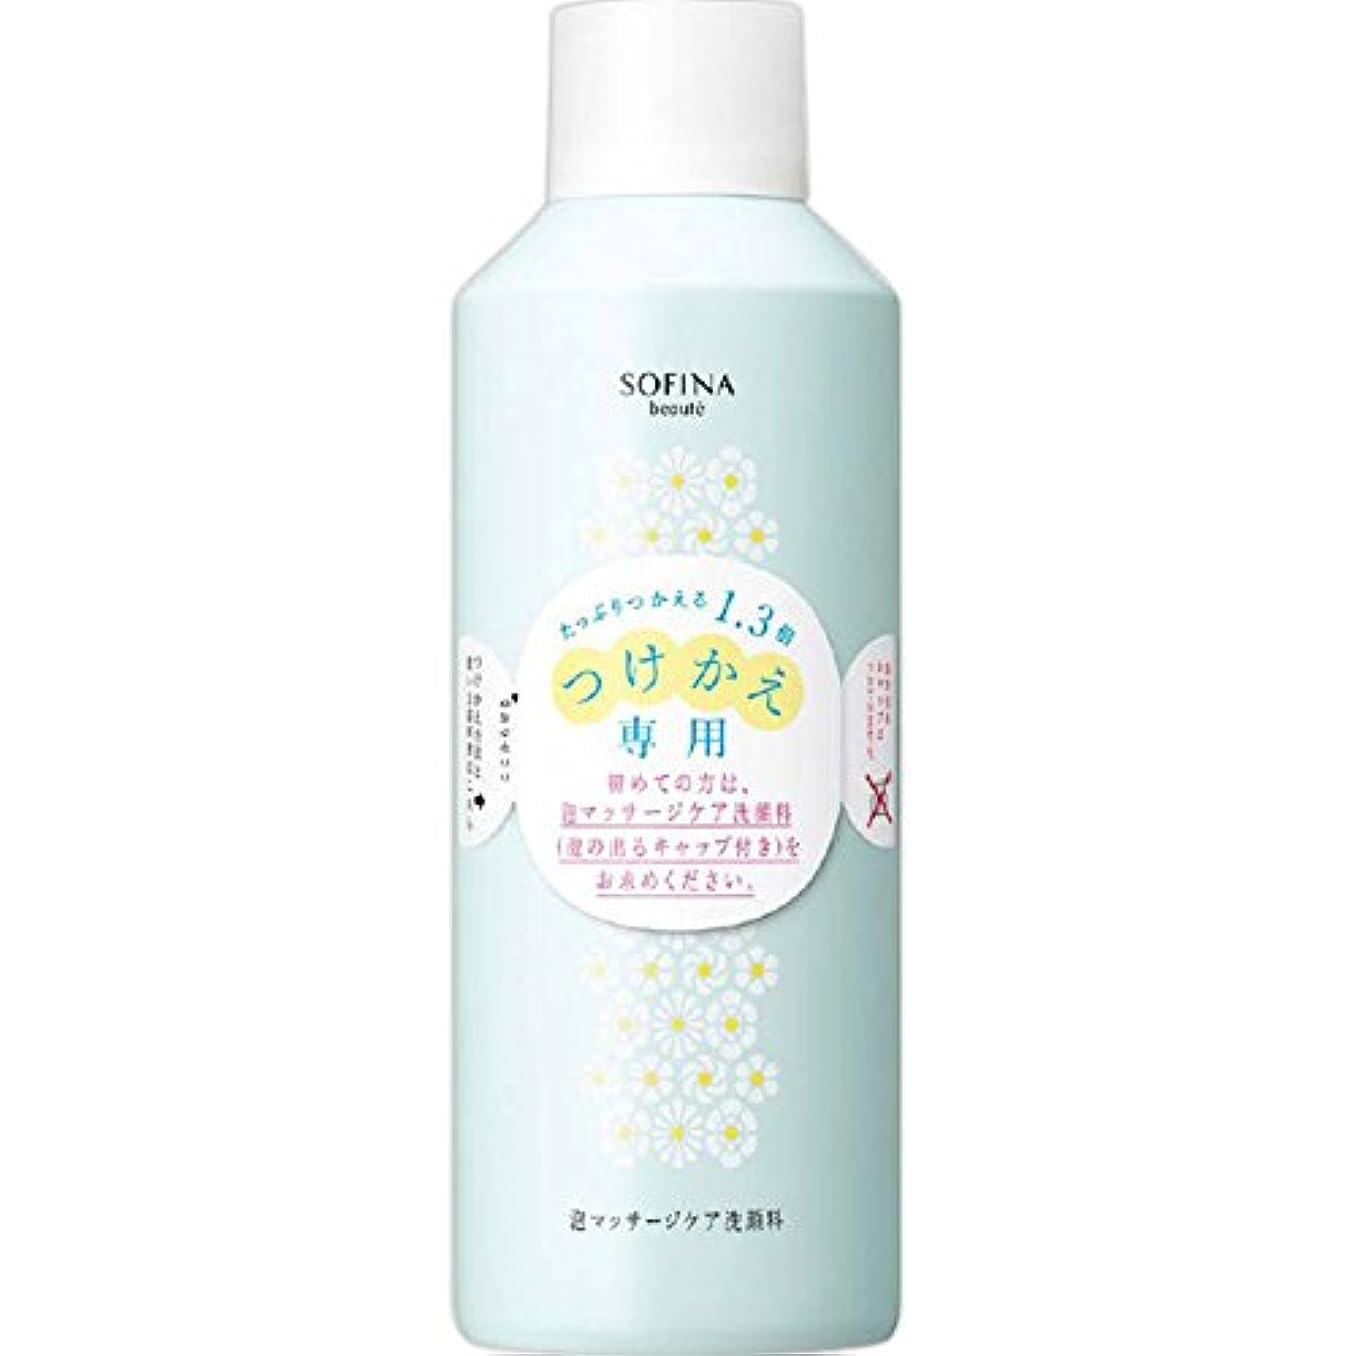 散らす言及するお世話になった花王ソフィーナ ボーテ 泡マッサージケア洗顔料 つけかえ専用230g